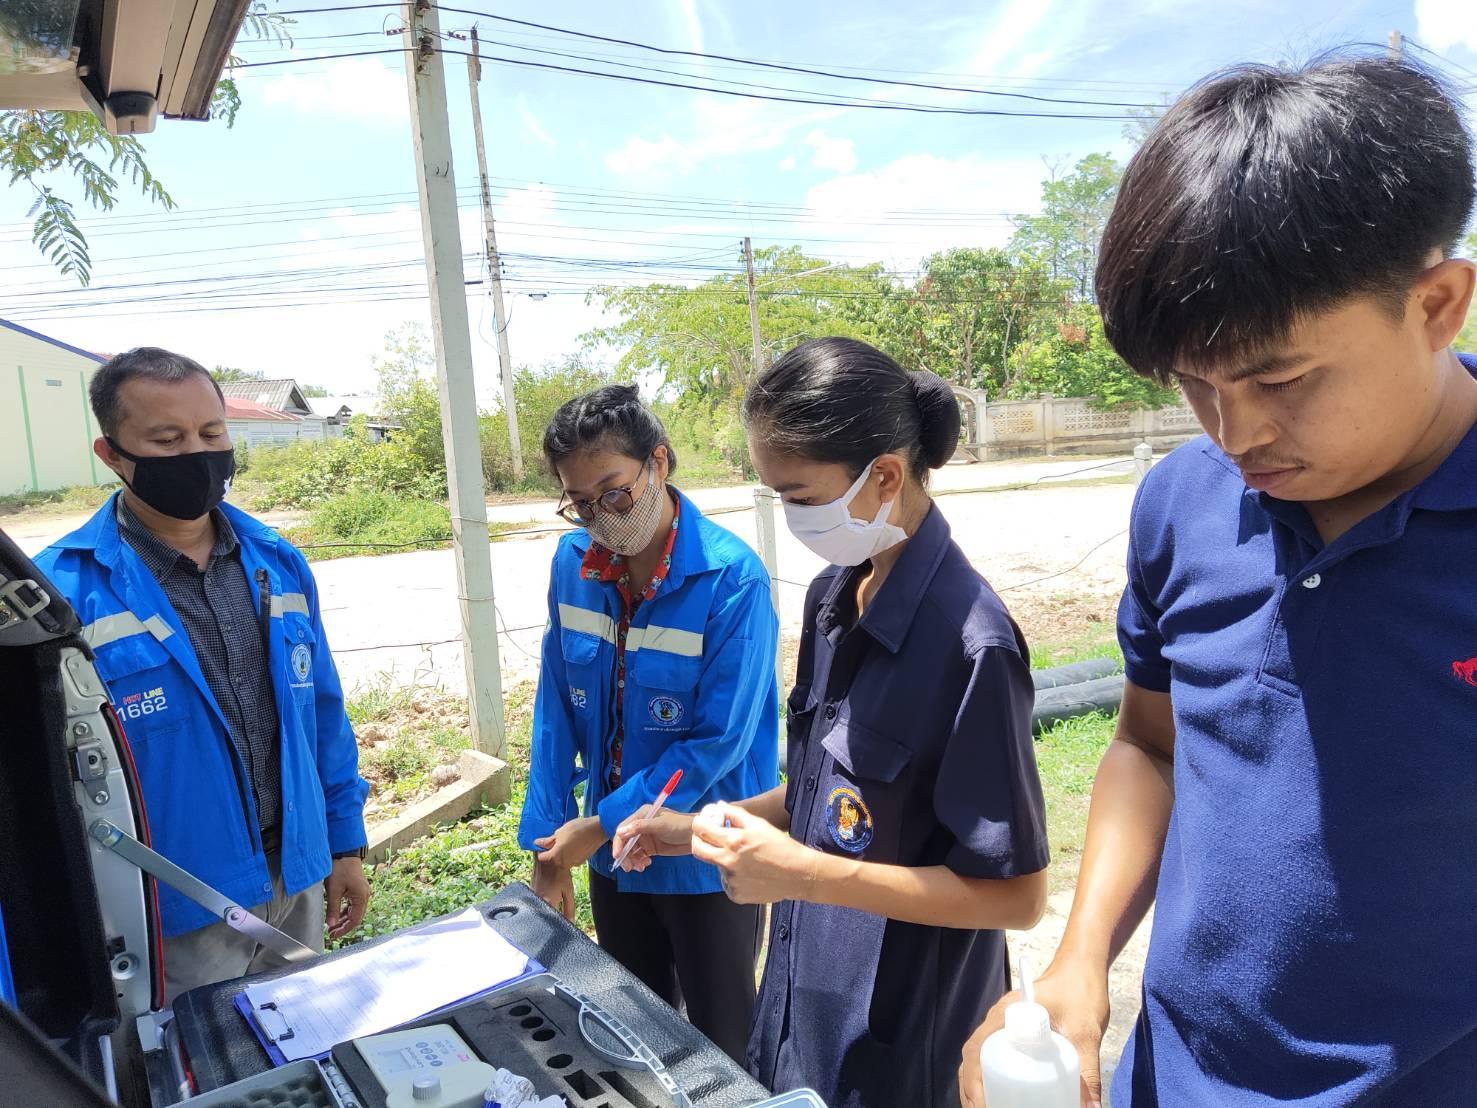 กปภ.สาขาปราณบุรี ส่งพนักงานร่วมกับ กปภ.ข.3 กองระบบผลิตและควบคุมคุณภาพน้ำ  สุ่มตรวจเก็บน้ำตัวอย่าง เพื่อวิเคราะห์